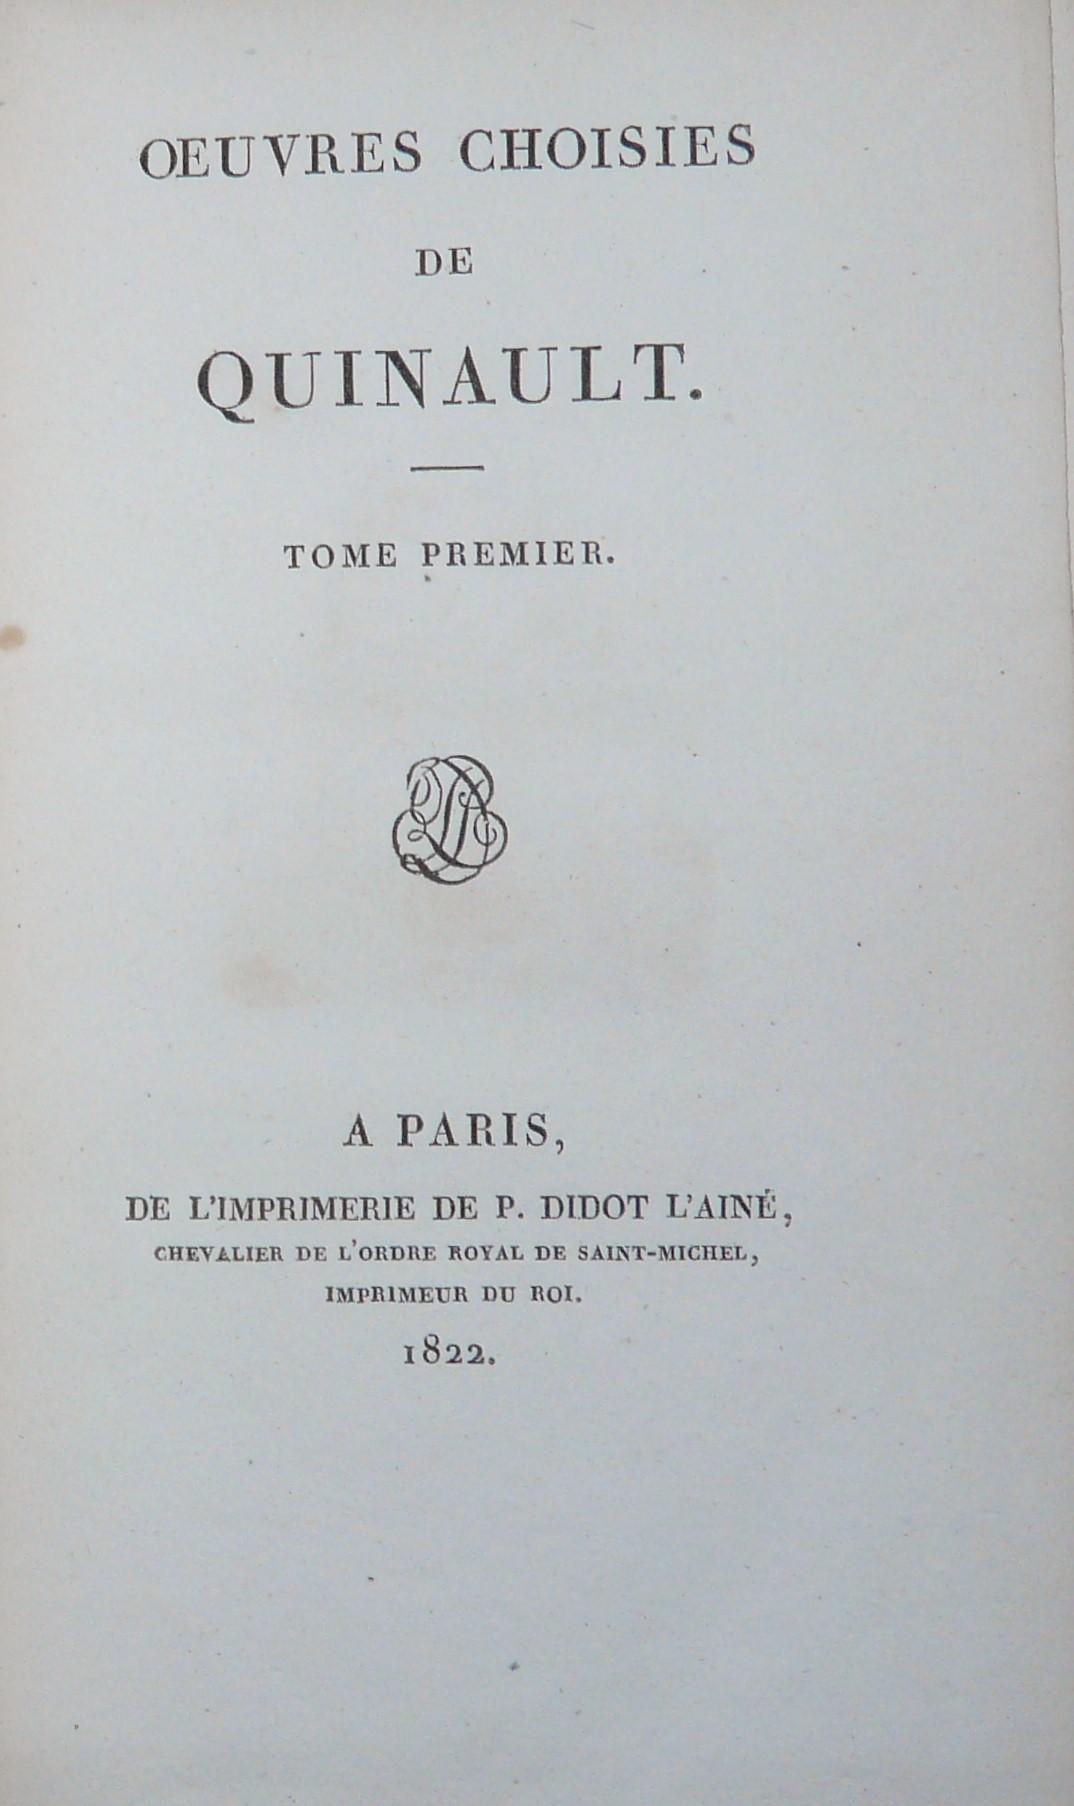 veau_11_quinault_1822